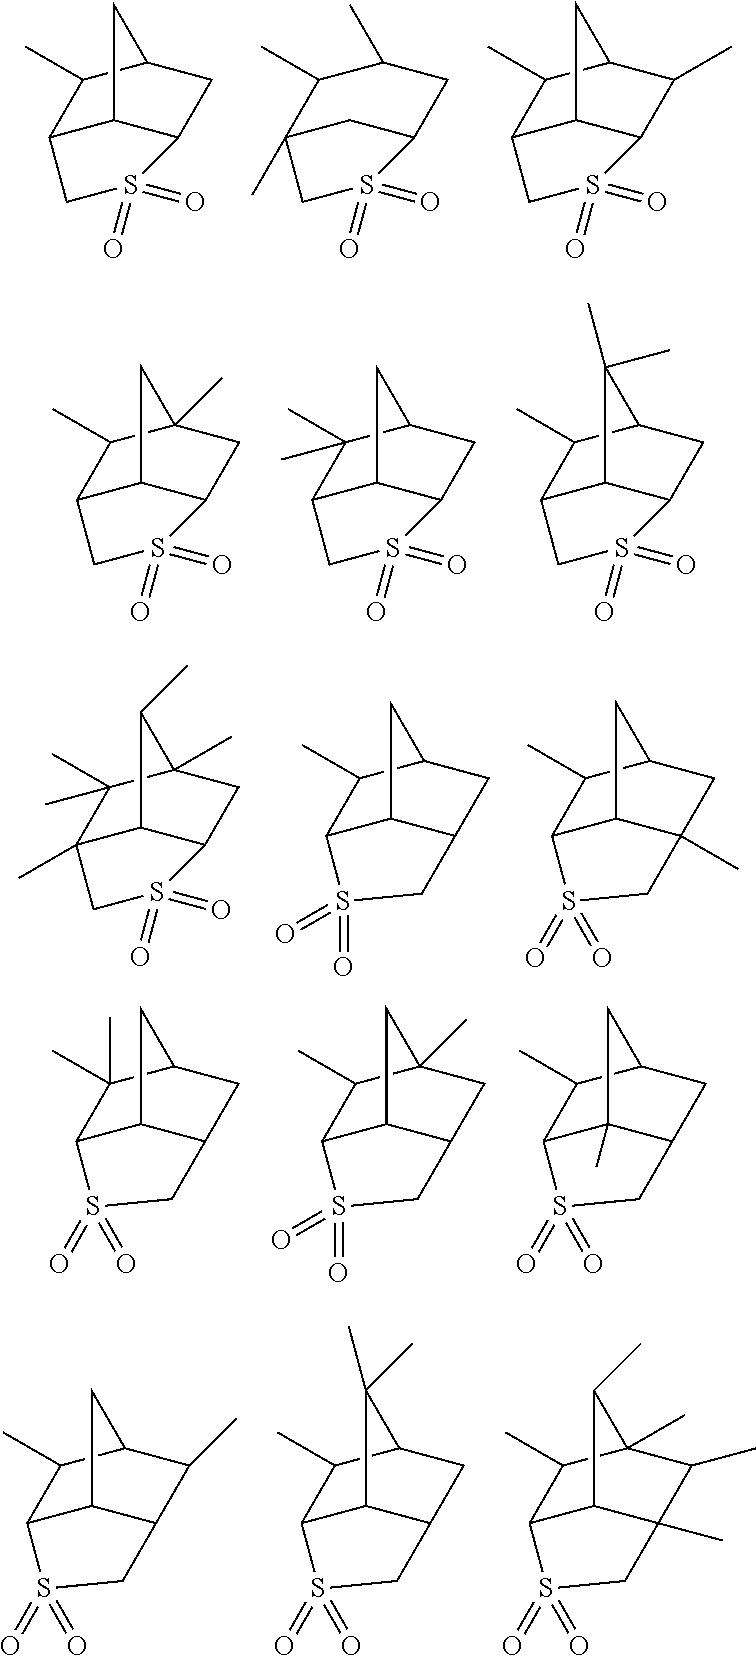 Figure US20100323296A1-20101223-C00080